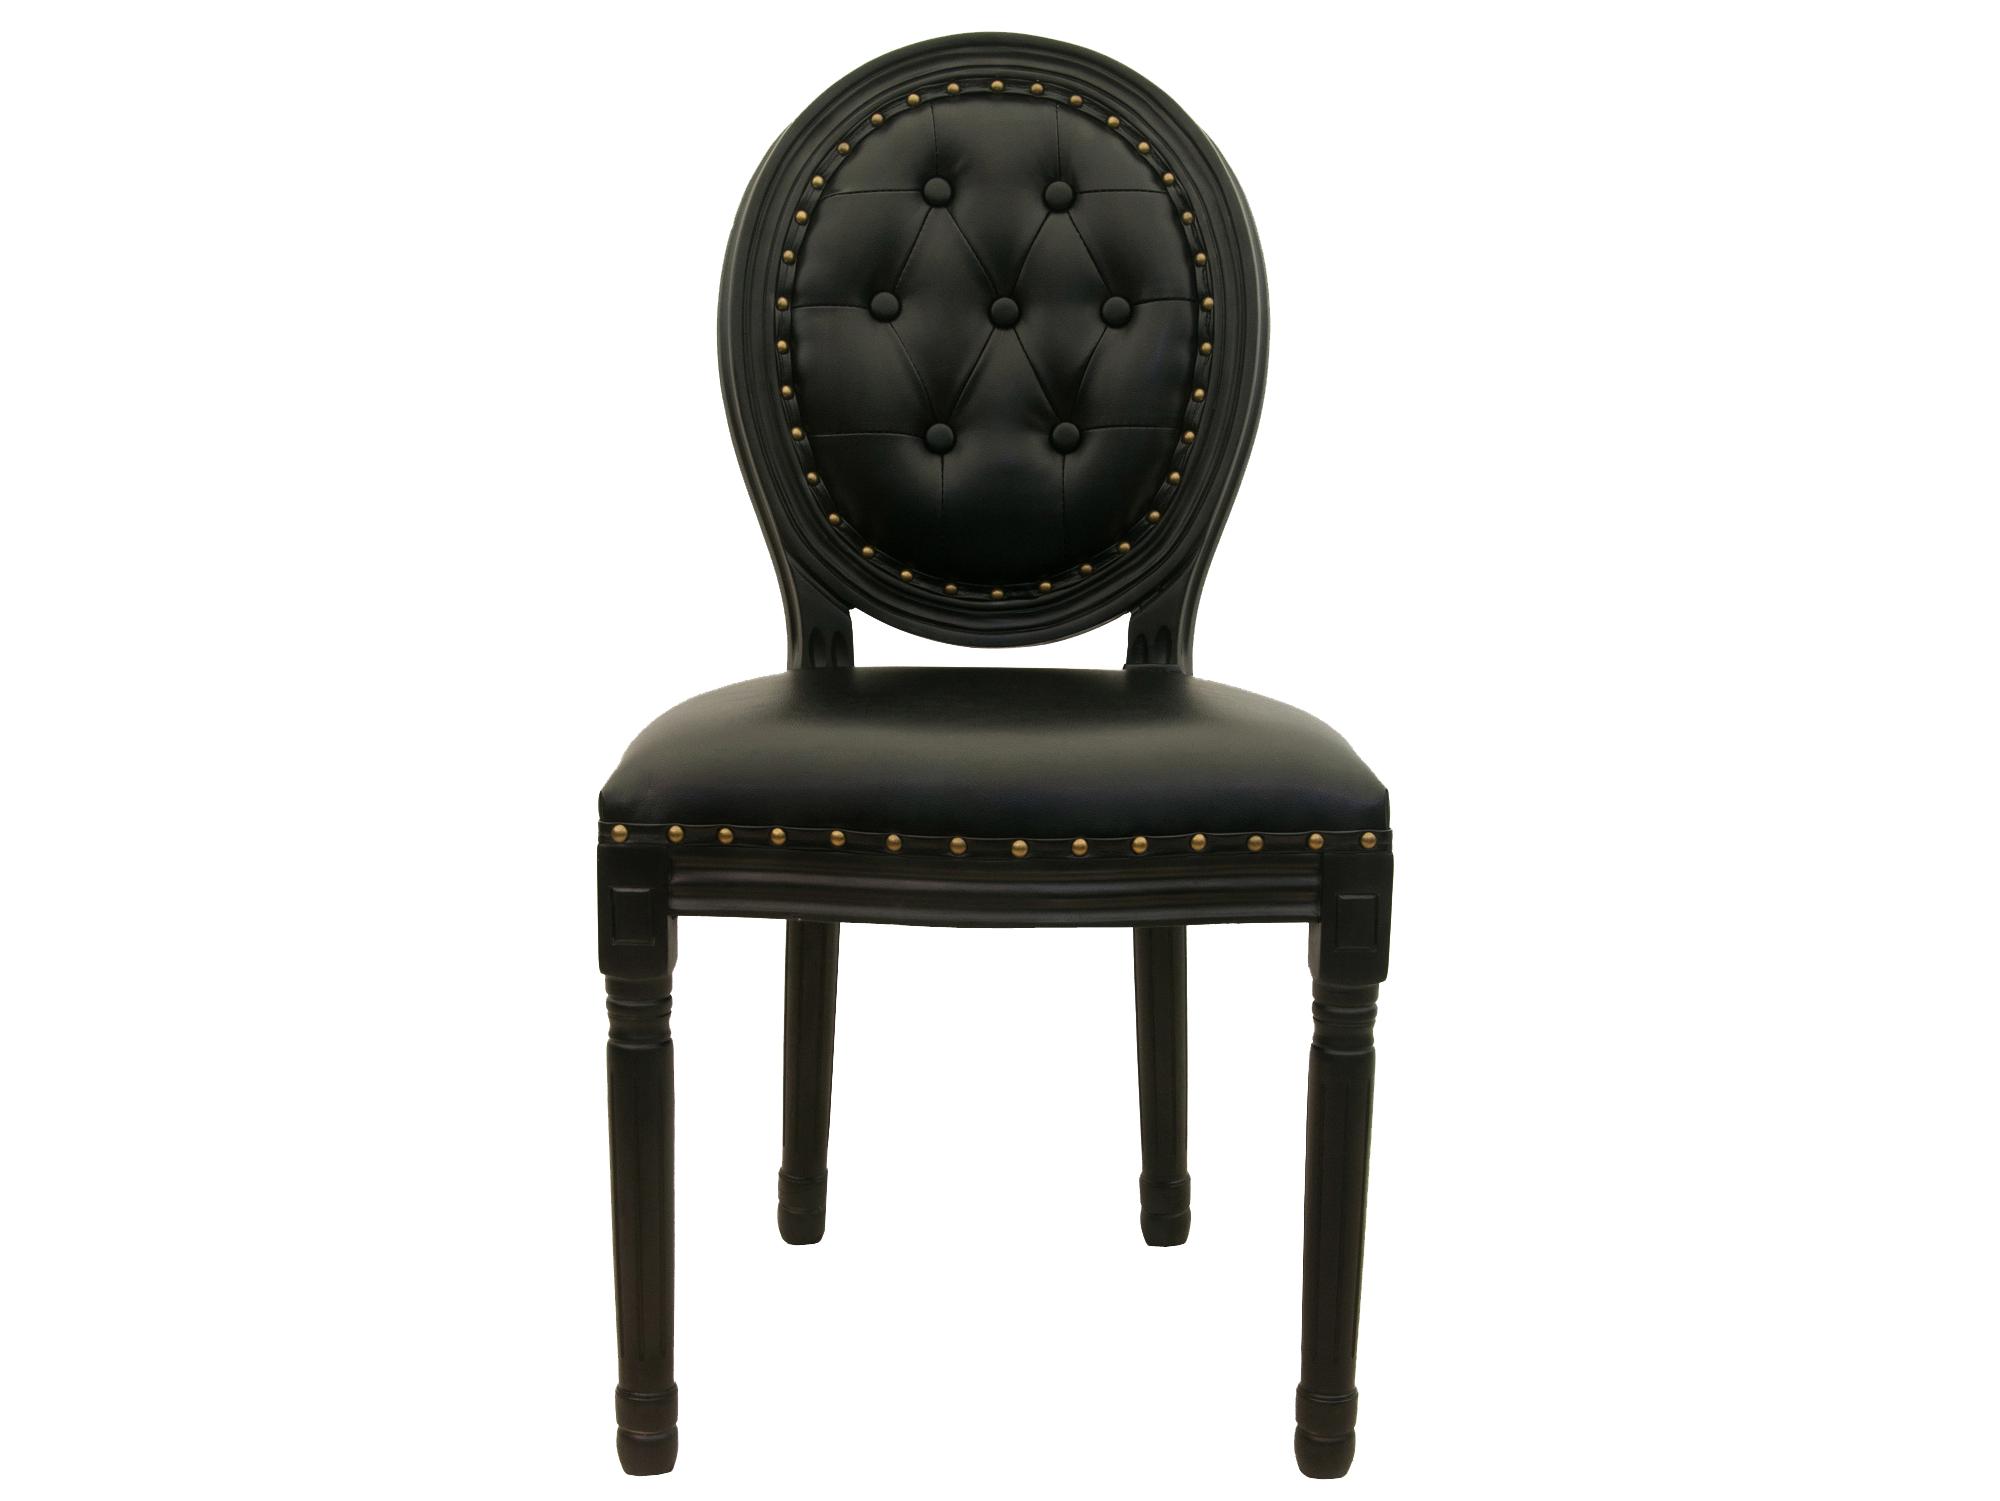 Стул VolkerОбеденные стулья<br>Cтул Volker с округлой спинкой напоминающей медальон, выполнен в элегантном классическом французском стиле. Основание модели выполнено из цельной породы древесины - массива каучукового дерева, выкрашенного в черный цвет. Такой стул эффектно смотрится как в контрастной, так и в однотонной обстановке.&amp;amp;nbsp;&amp;lt;div&amp;gt;&amp;lt;br&amp;gt;&amp;lt;/div&amp;gt;&amp;lt;div&amp;gt;Материал: Структурированная кожа, каучуковое дерево.&amp;lt;/div&amp;gt;<br><br>Material: Дерево<br>Ширина см: 50<br>Высота см: 100<br>Глубина см: 54